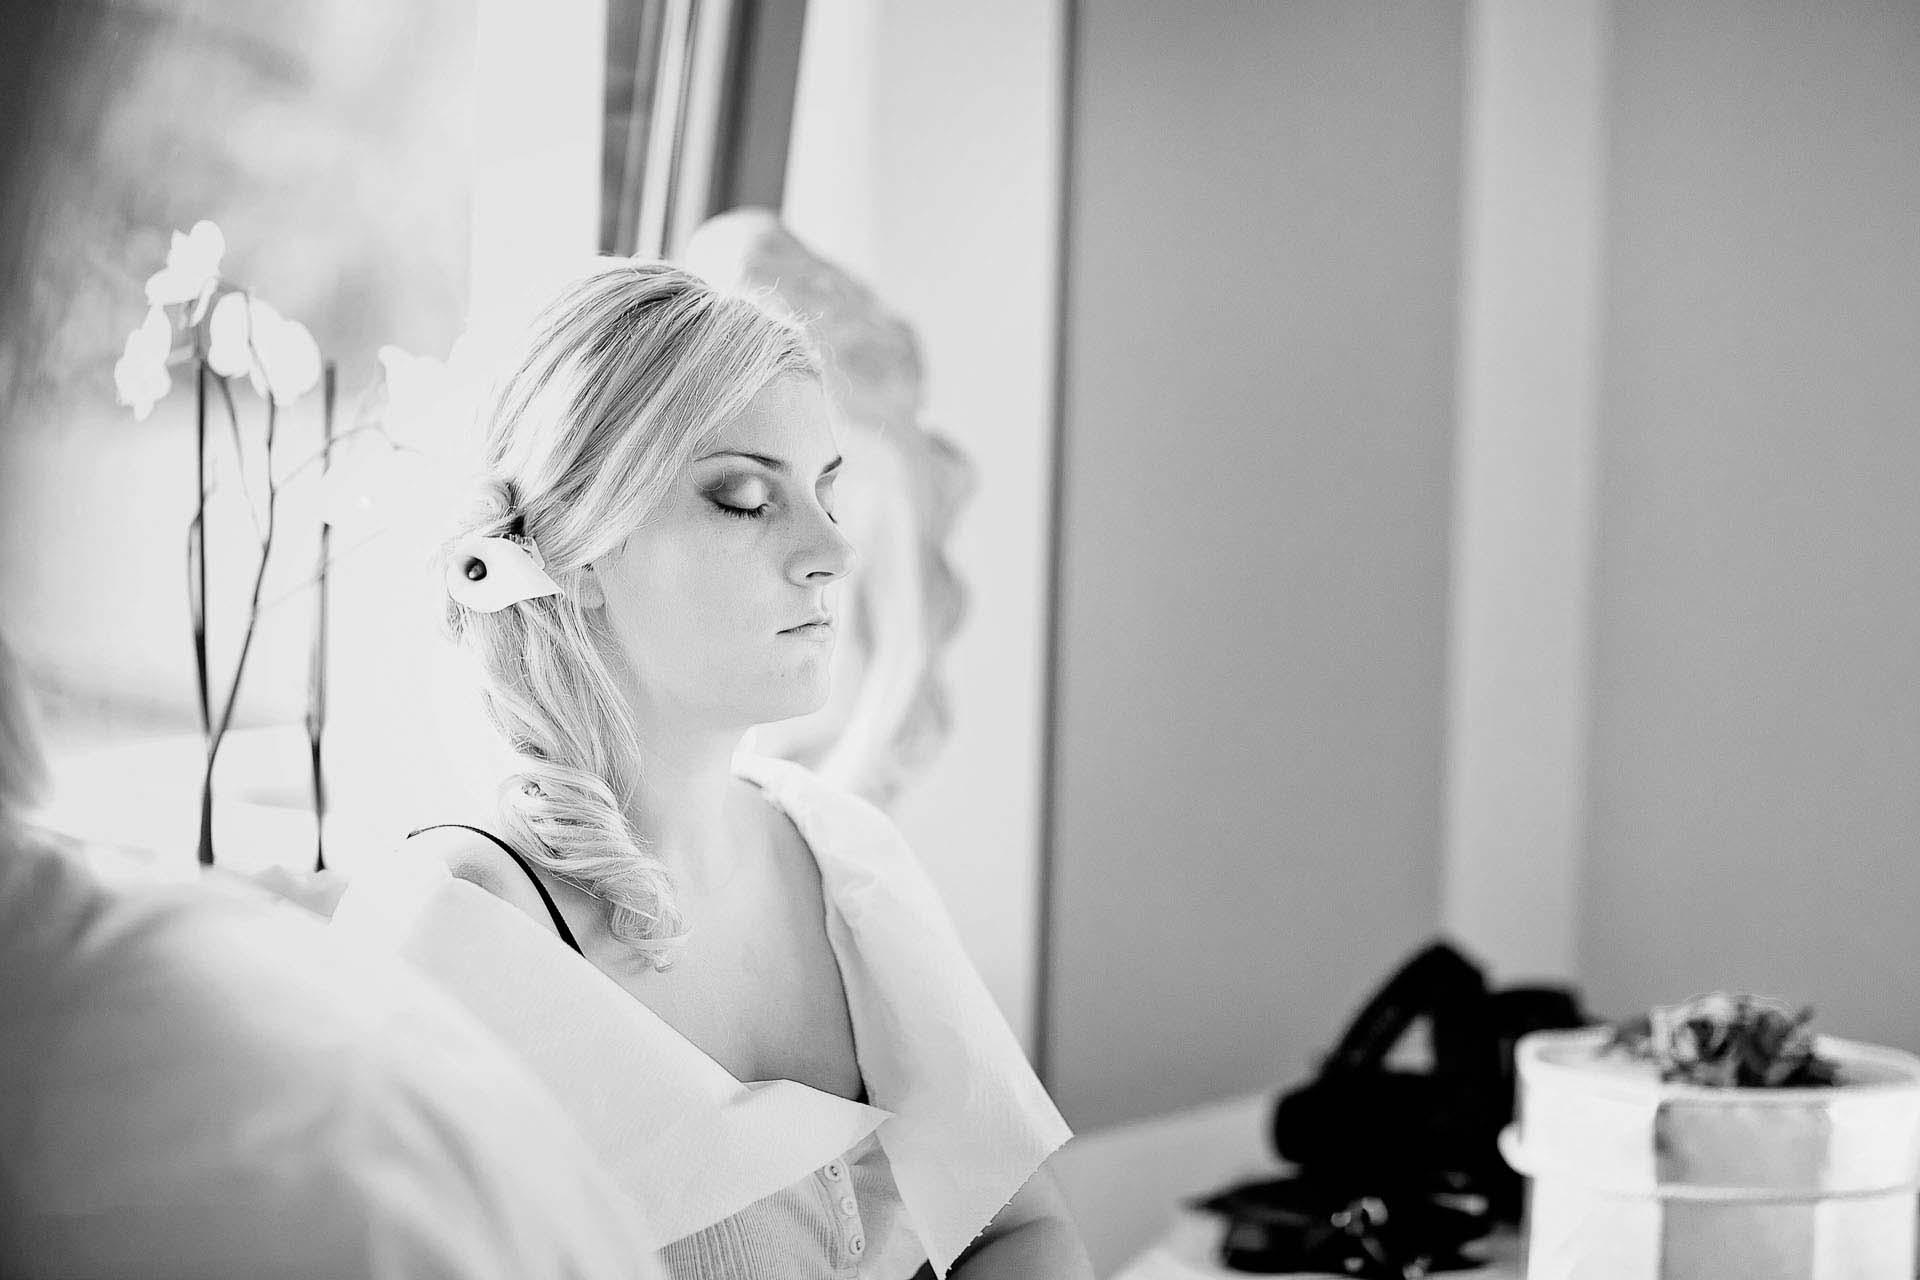 Fotografia z przygotowań do ślubu - Panna Młoda relaksuje się przed ceremonią.